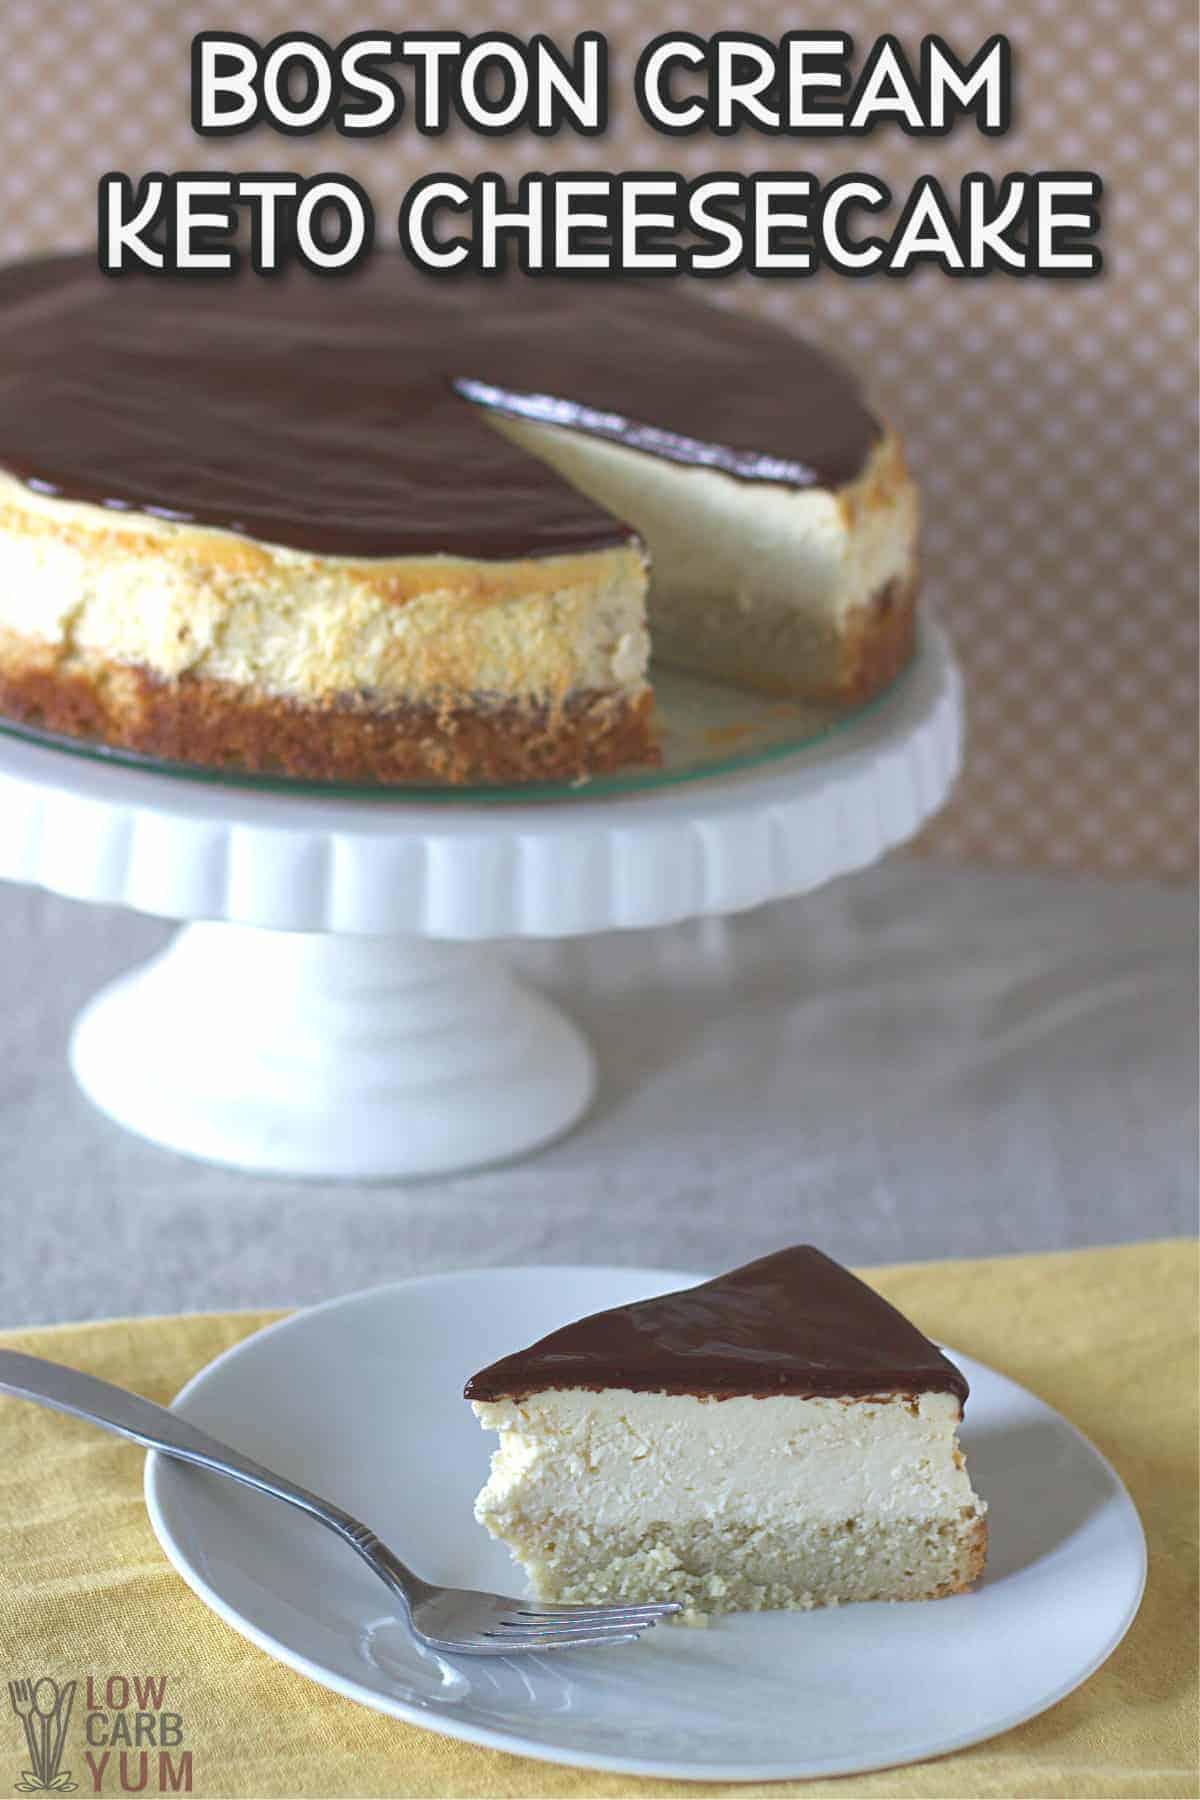 boston cream pie cheesecake recipe cover image